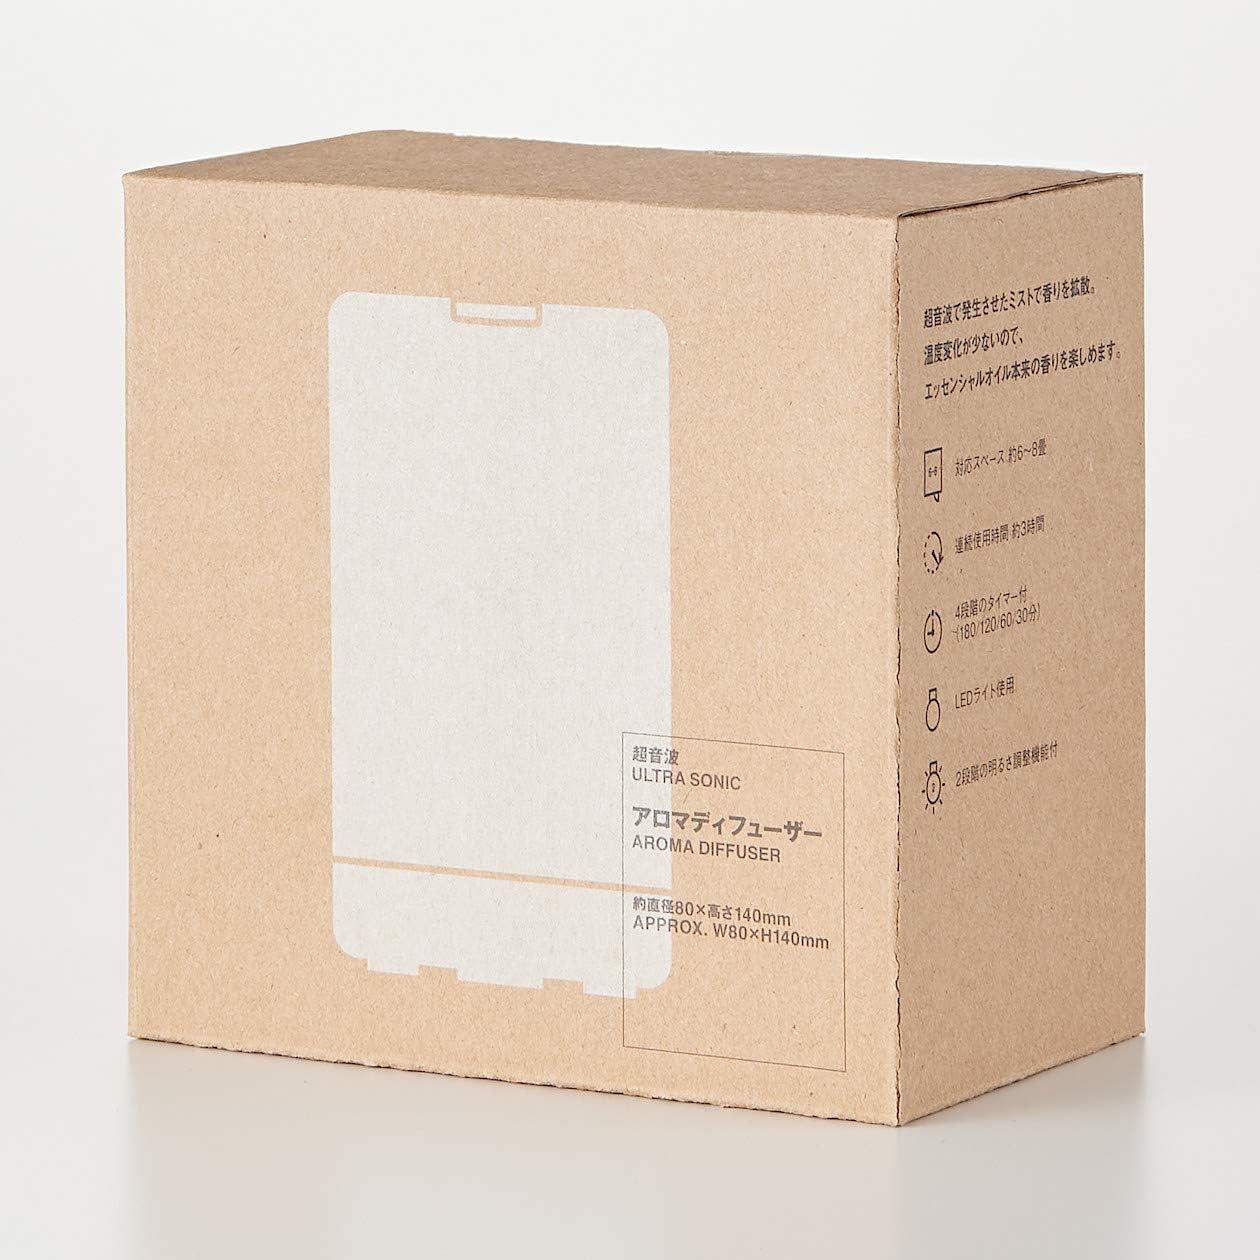 無印良品 超音波アロマディフューザー 約直径80×高さ140mm 82240764